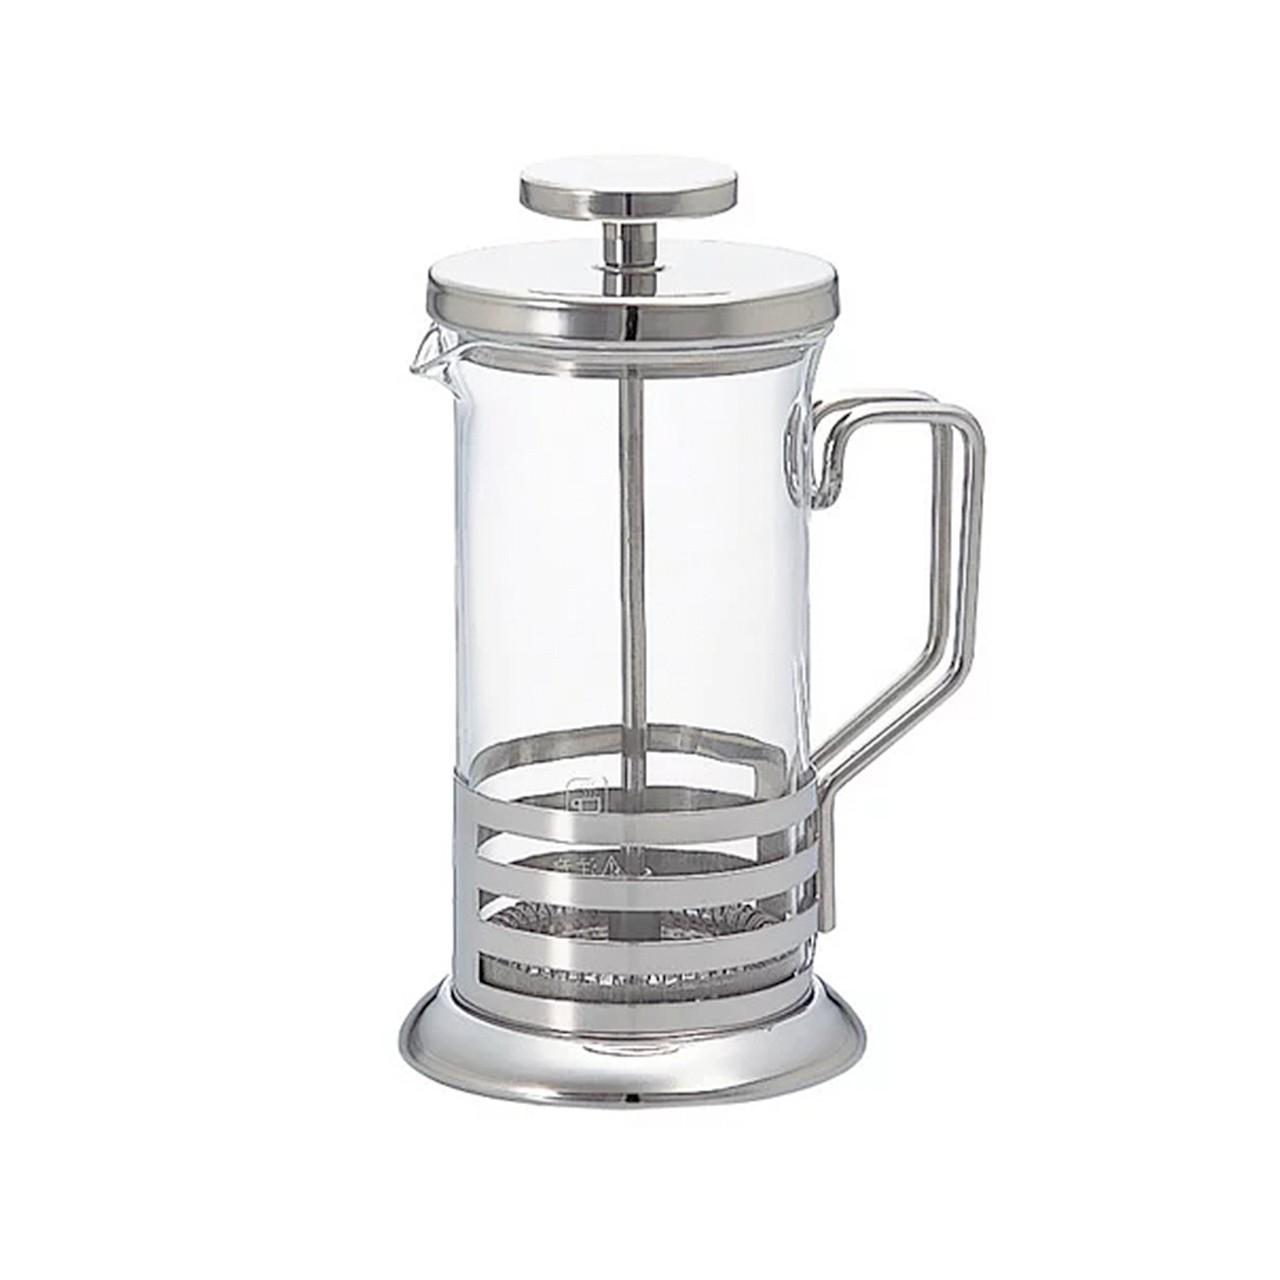 Prensa Francesa Fosca para preparar café 300ml - Hario